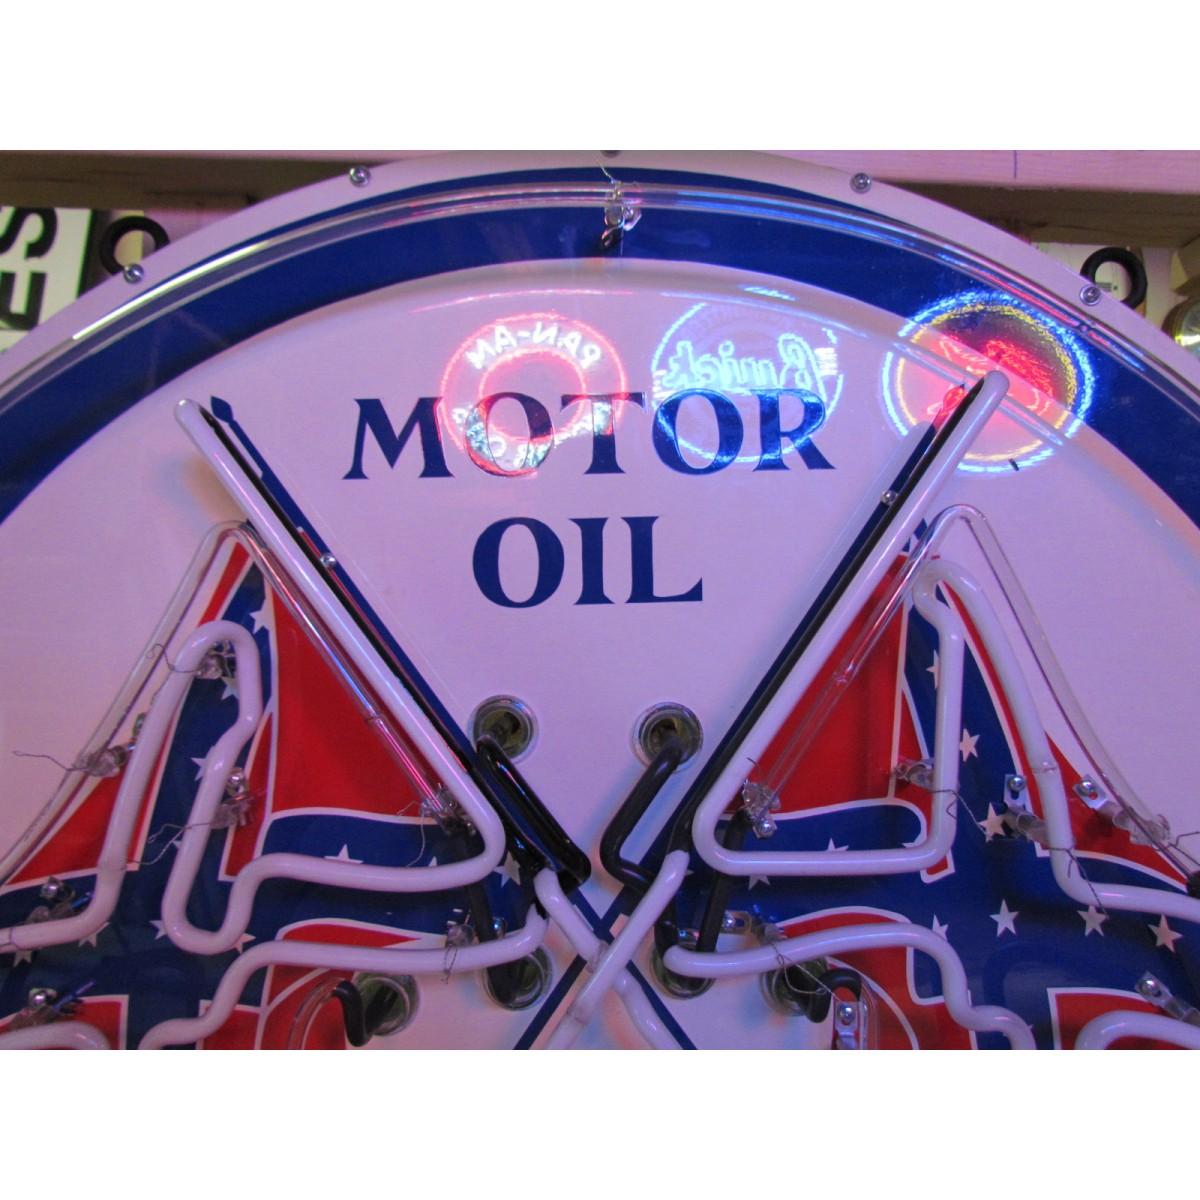 New dixie motor oil neon sign 42 diameter for How long does motor oil last